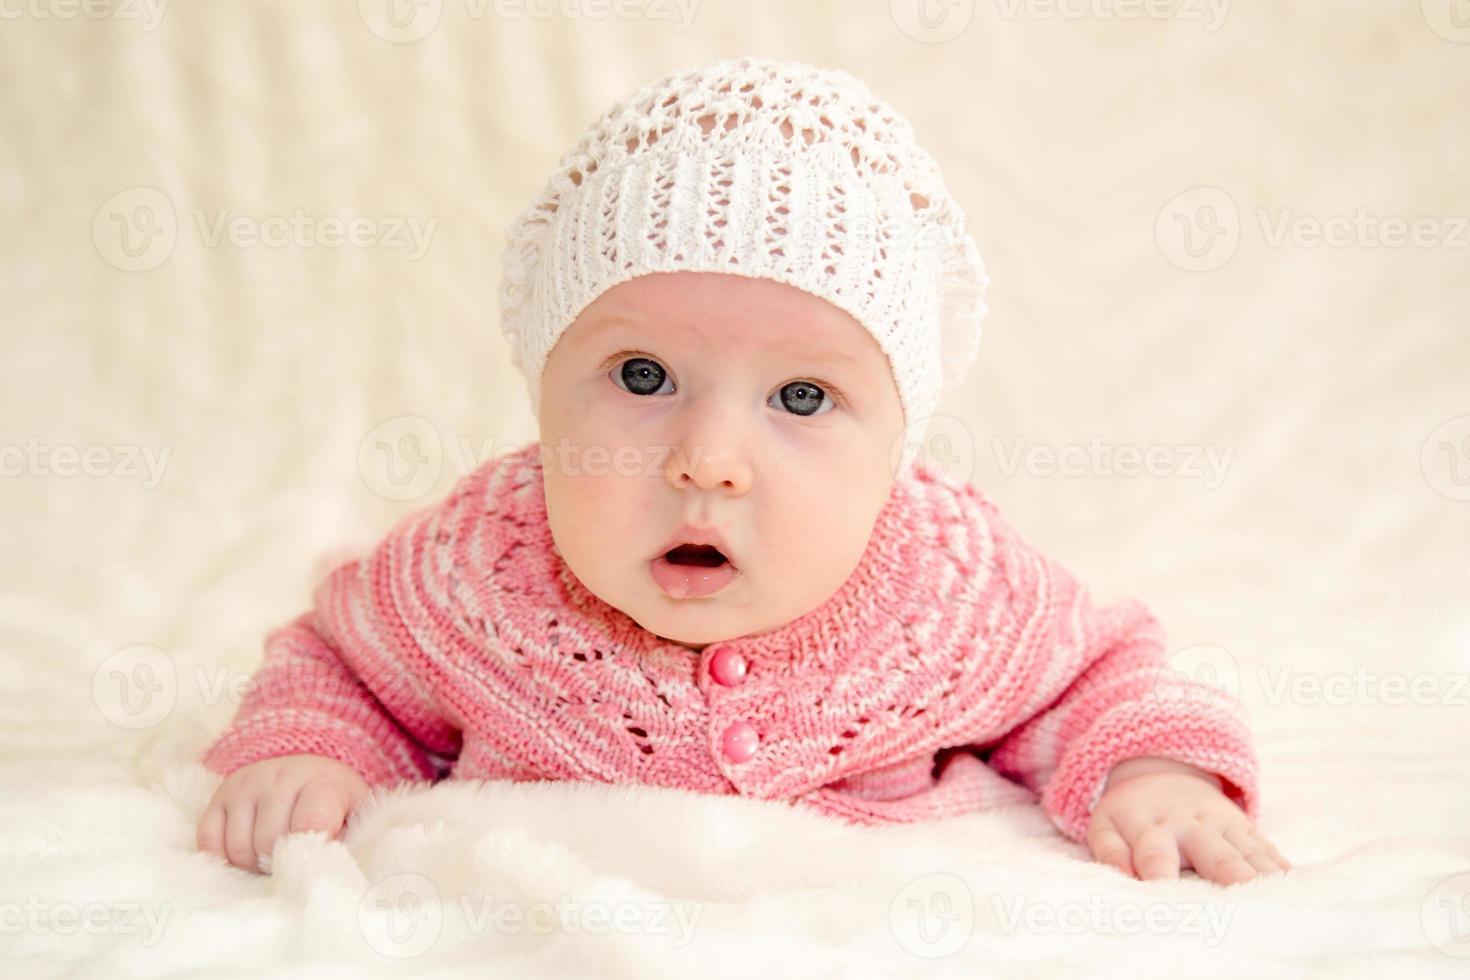 Little baby girl photo